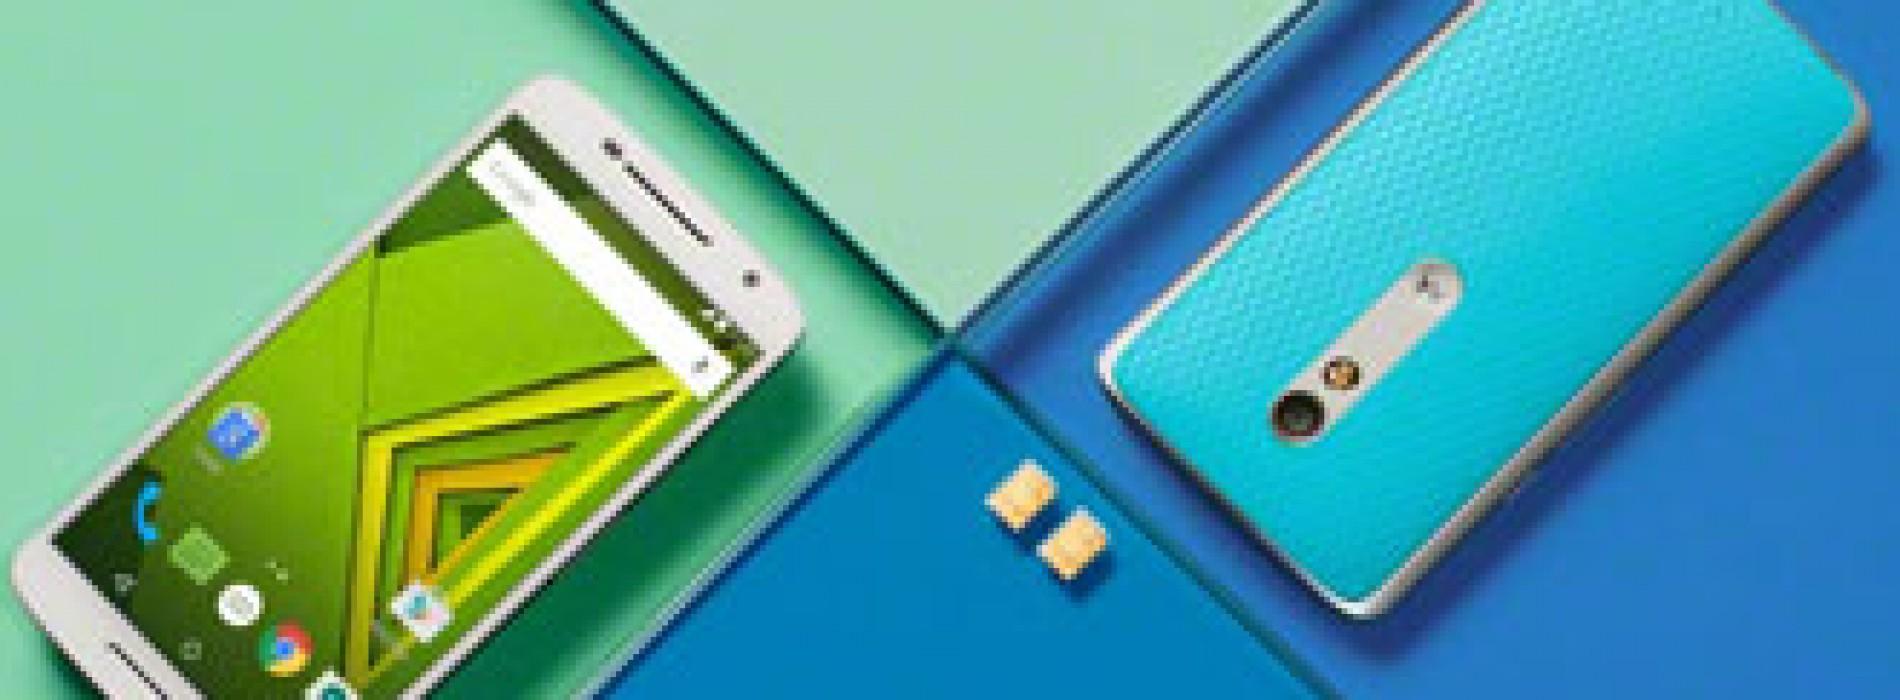 Moto X Play pantalla full HD, cámara de 21 MP y con Android 5.1